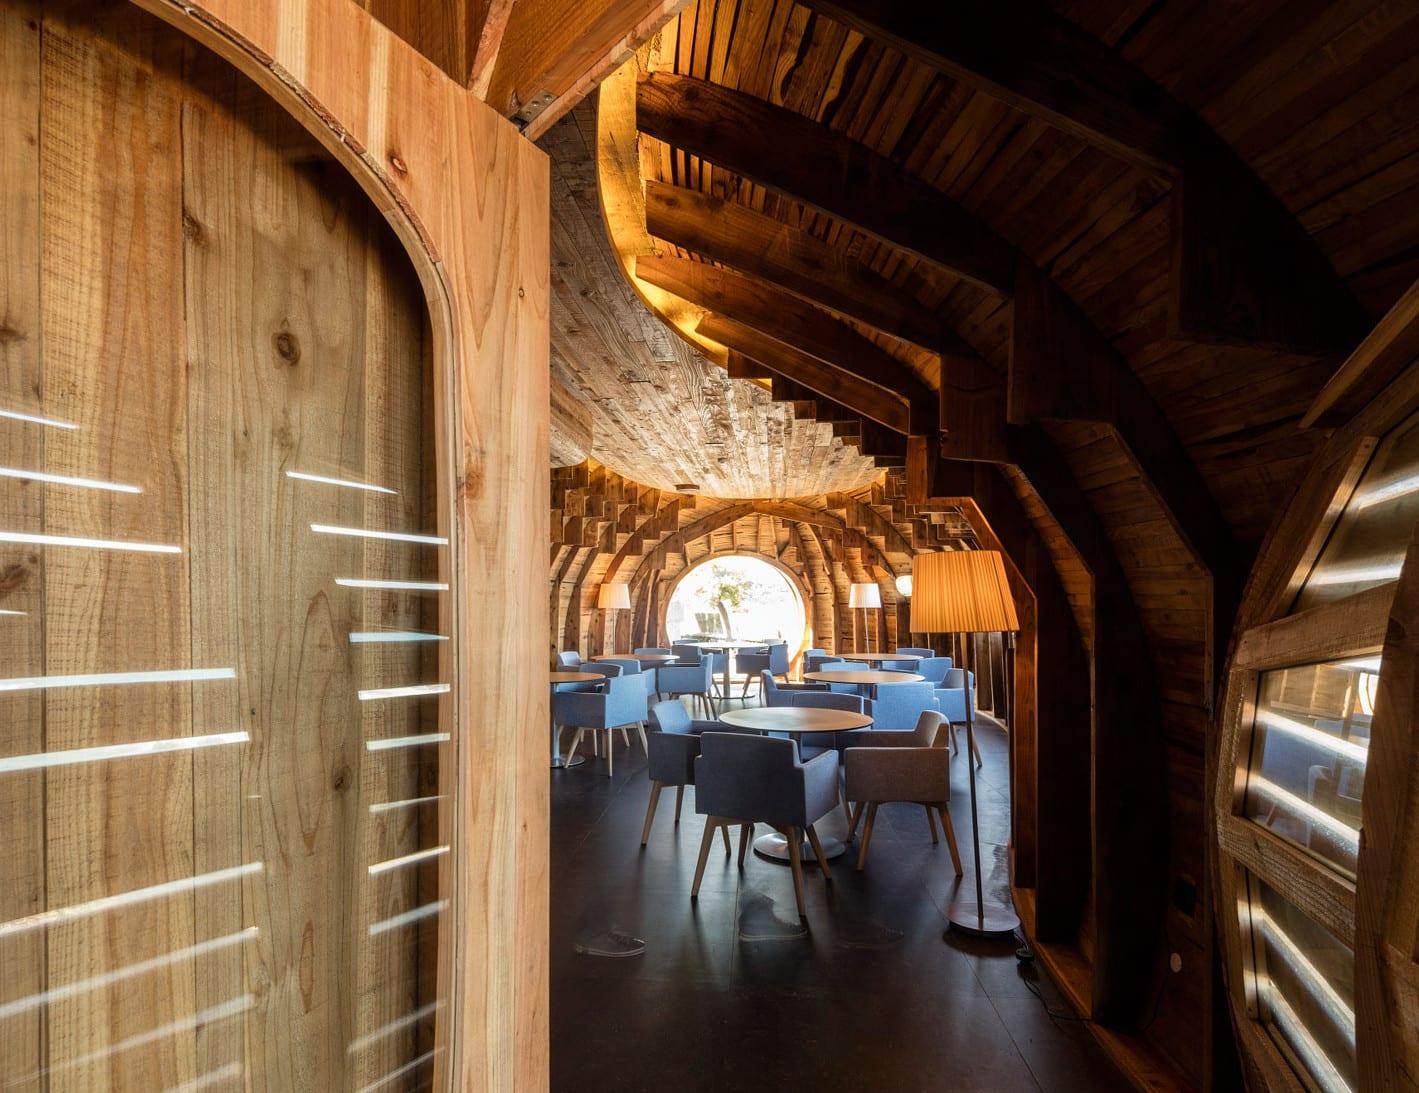 restaurant bar aus holz bauen mit gerundete decke und sichtbaren holzkonstruktion